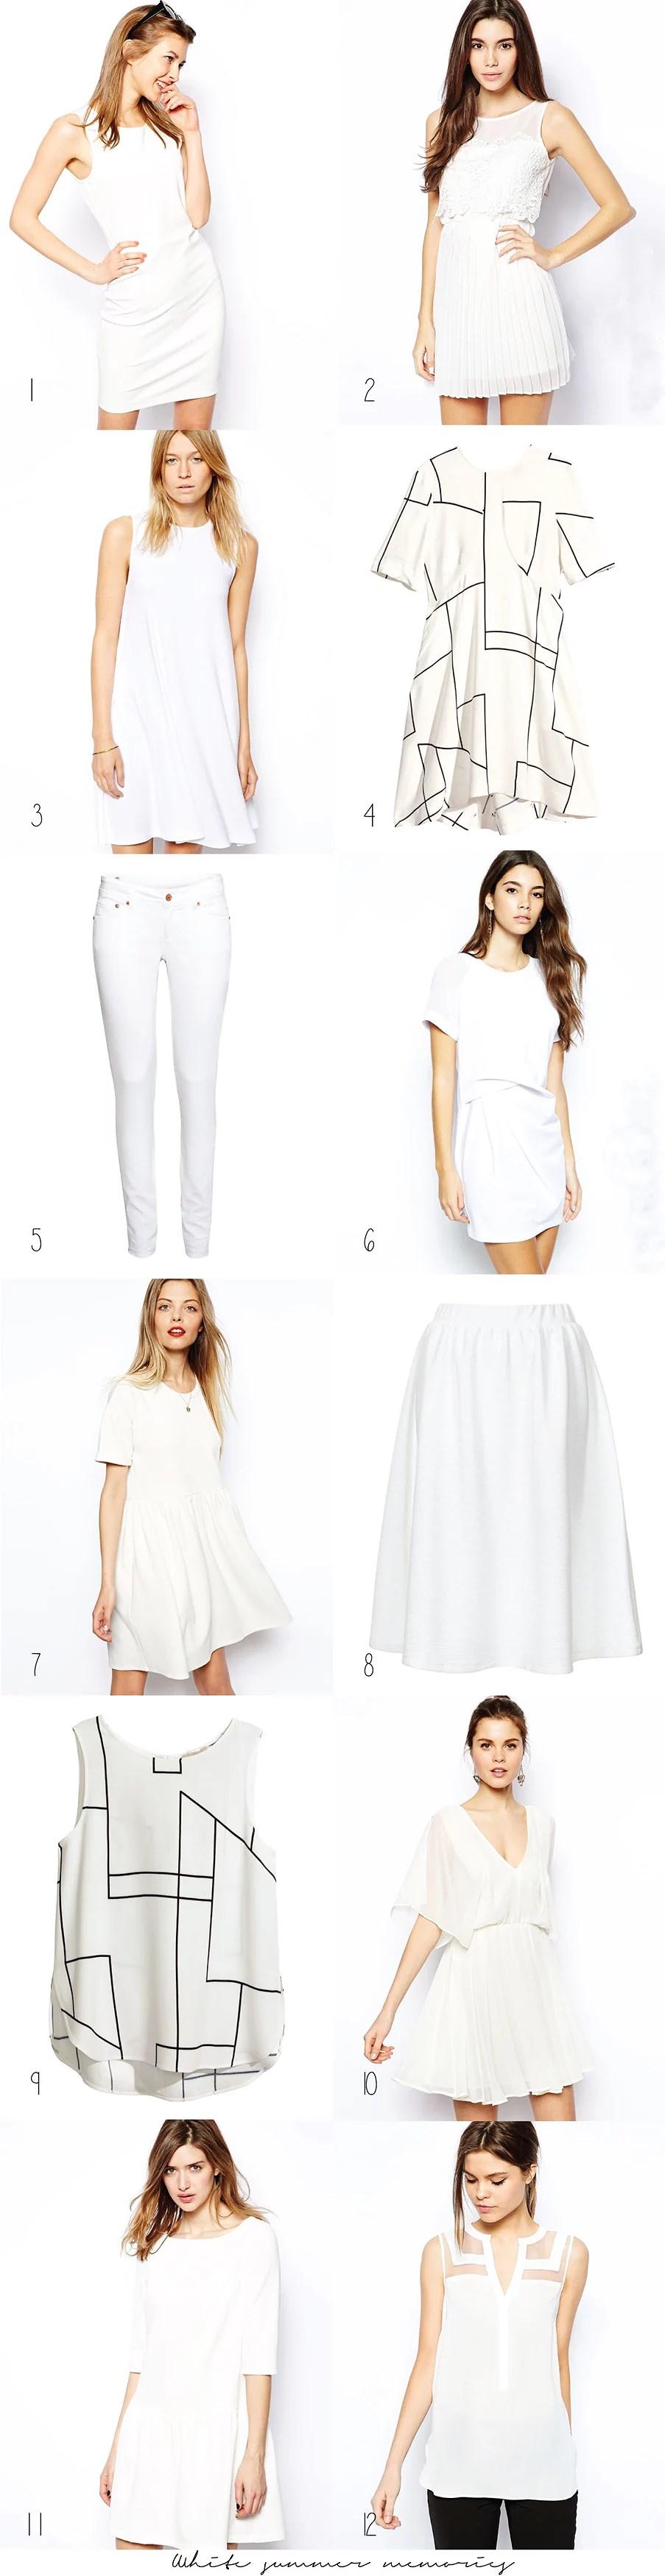 Student-kjoler-inspiration-modeblogger